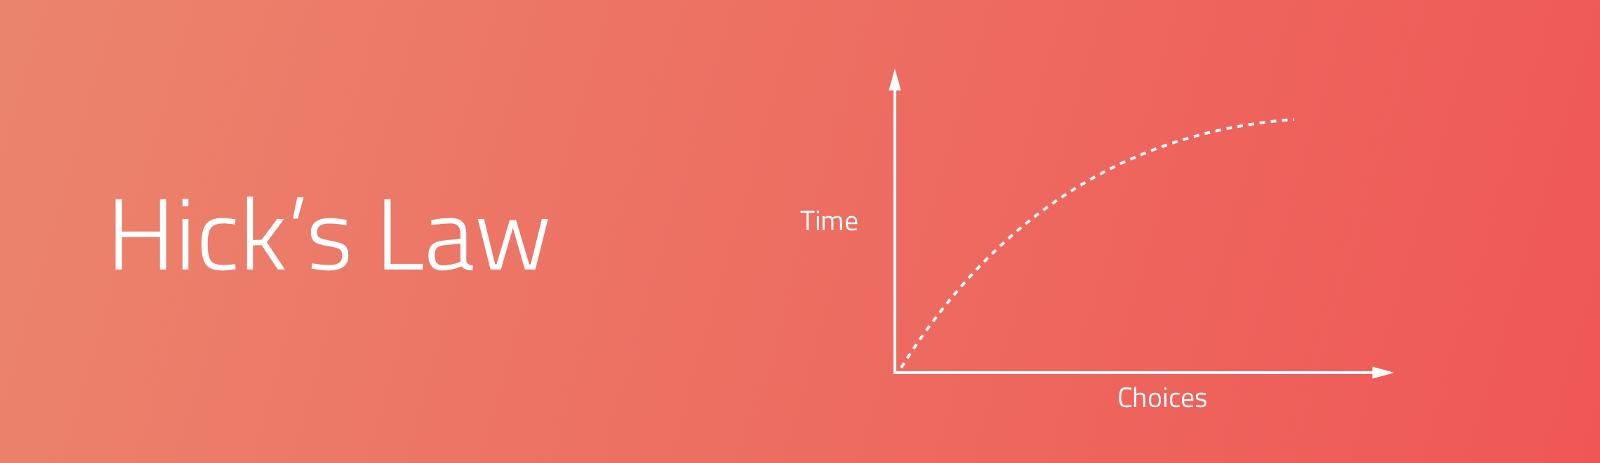 从了解用户的注意力开始,创造更优秀的用户体验-艺源科技